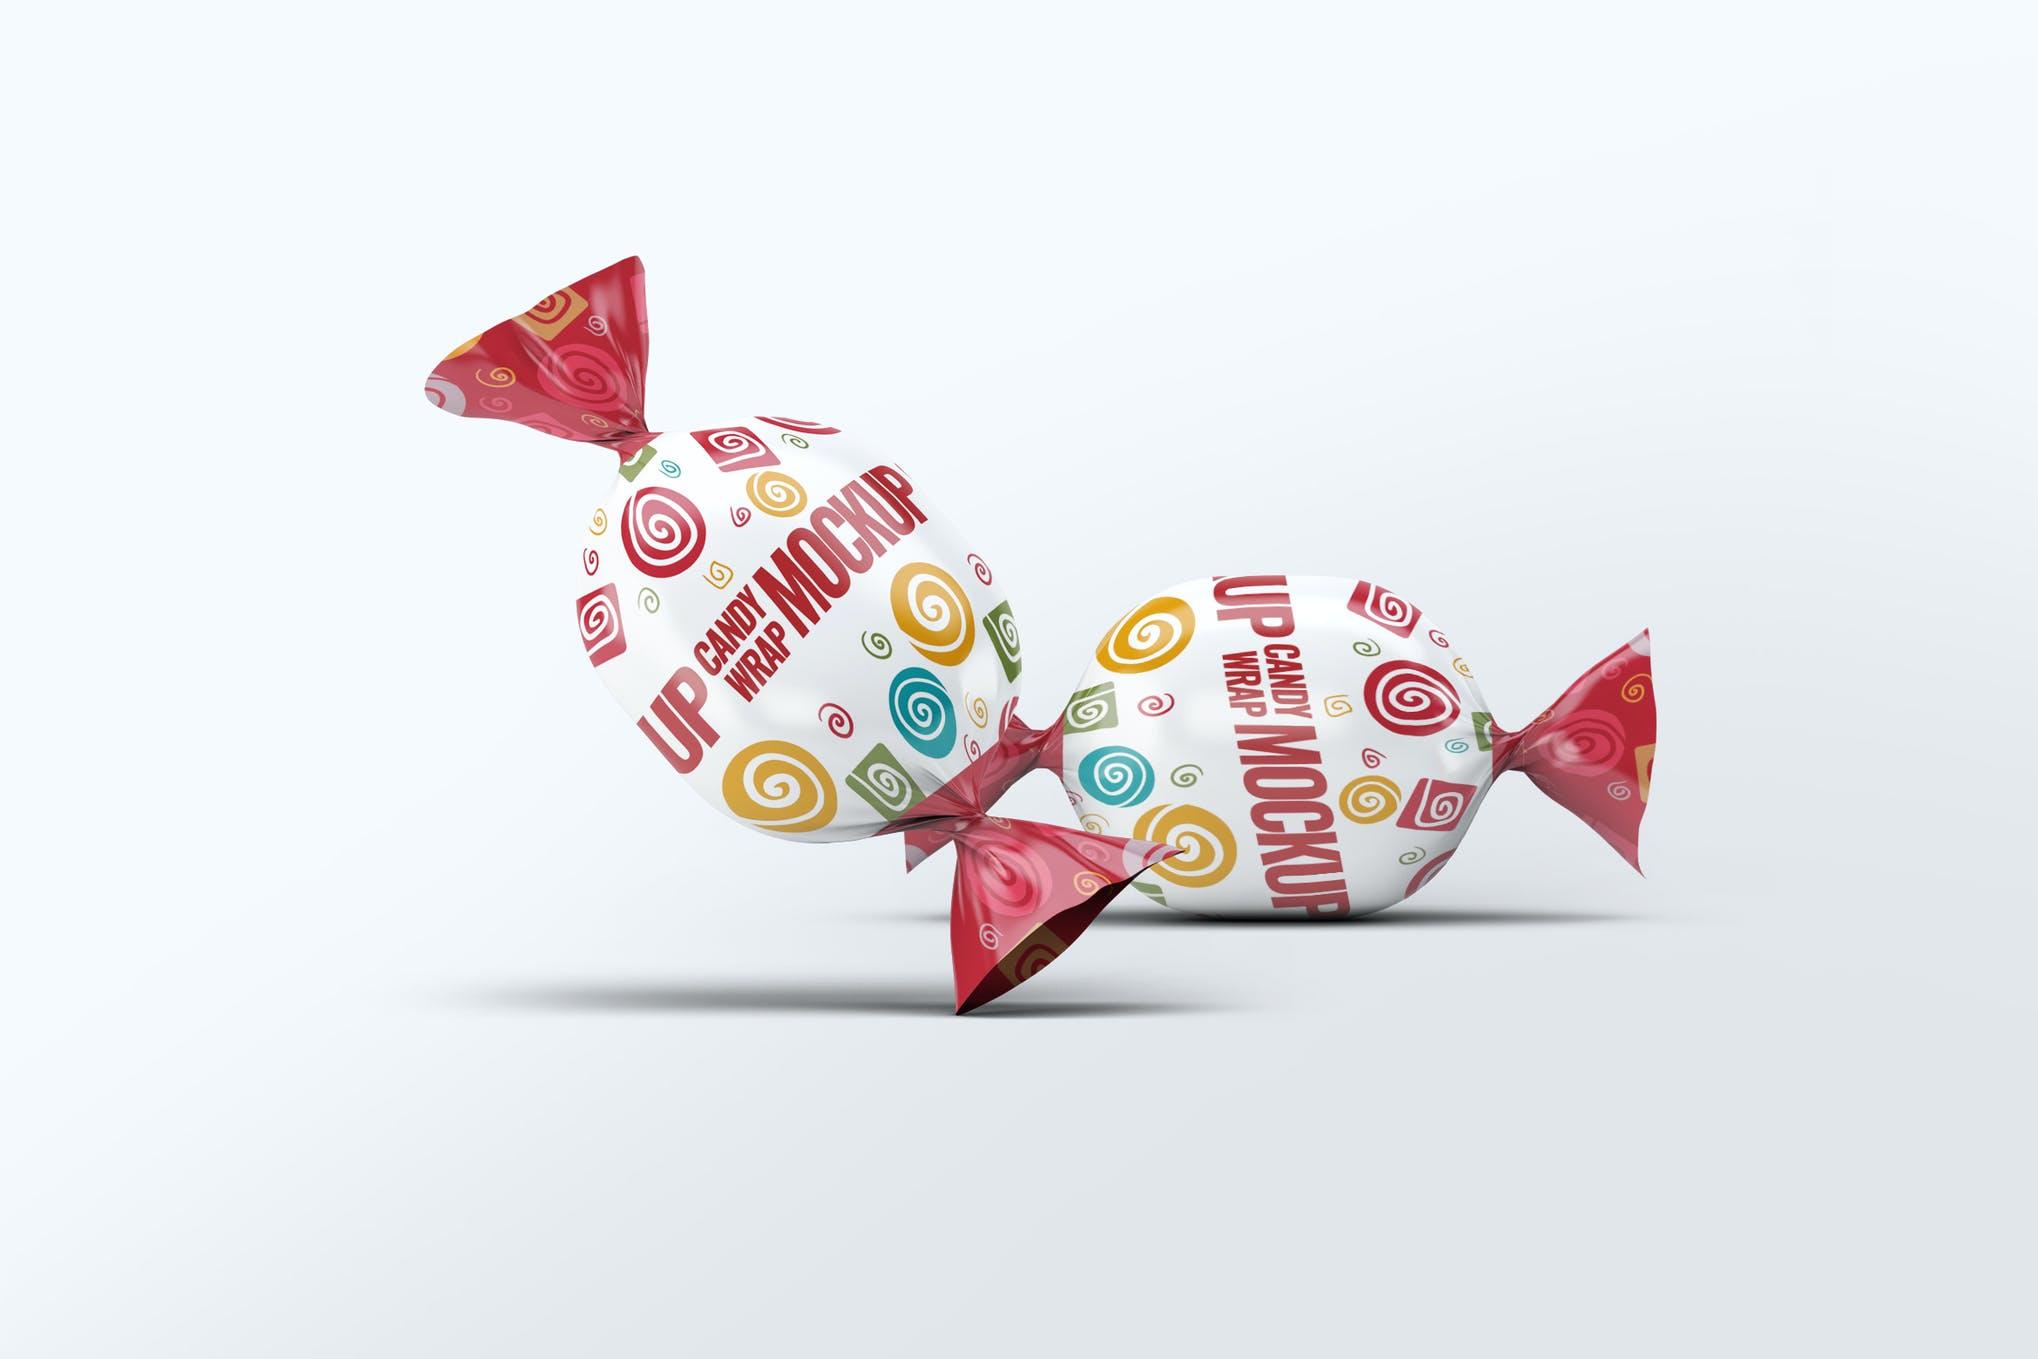 糖果包装样机效果图插图(1)